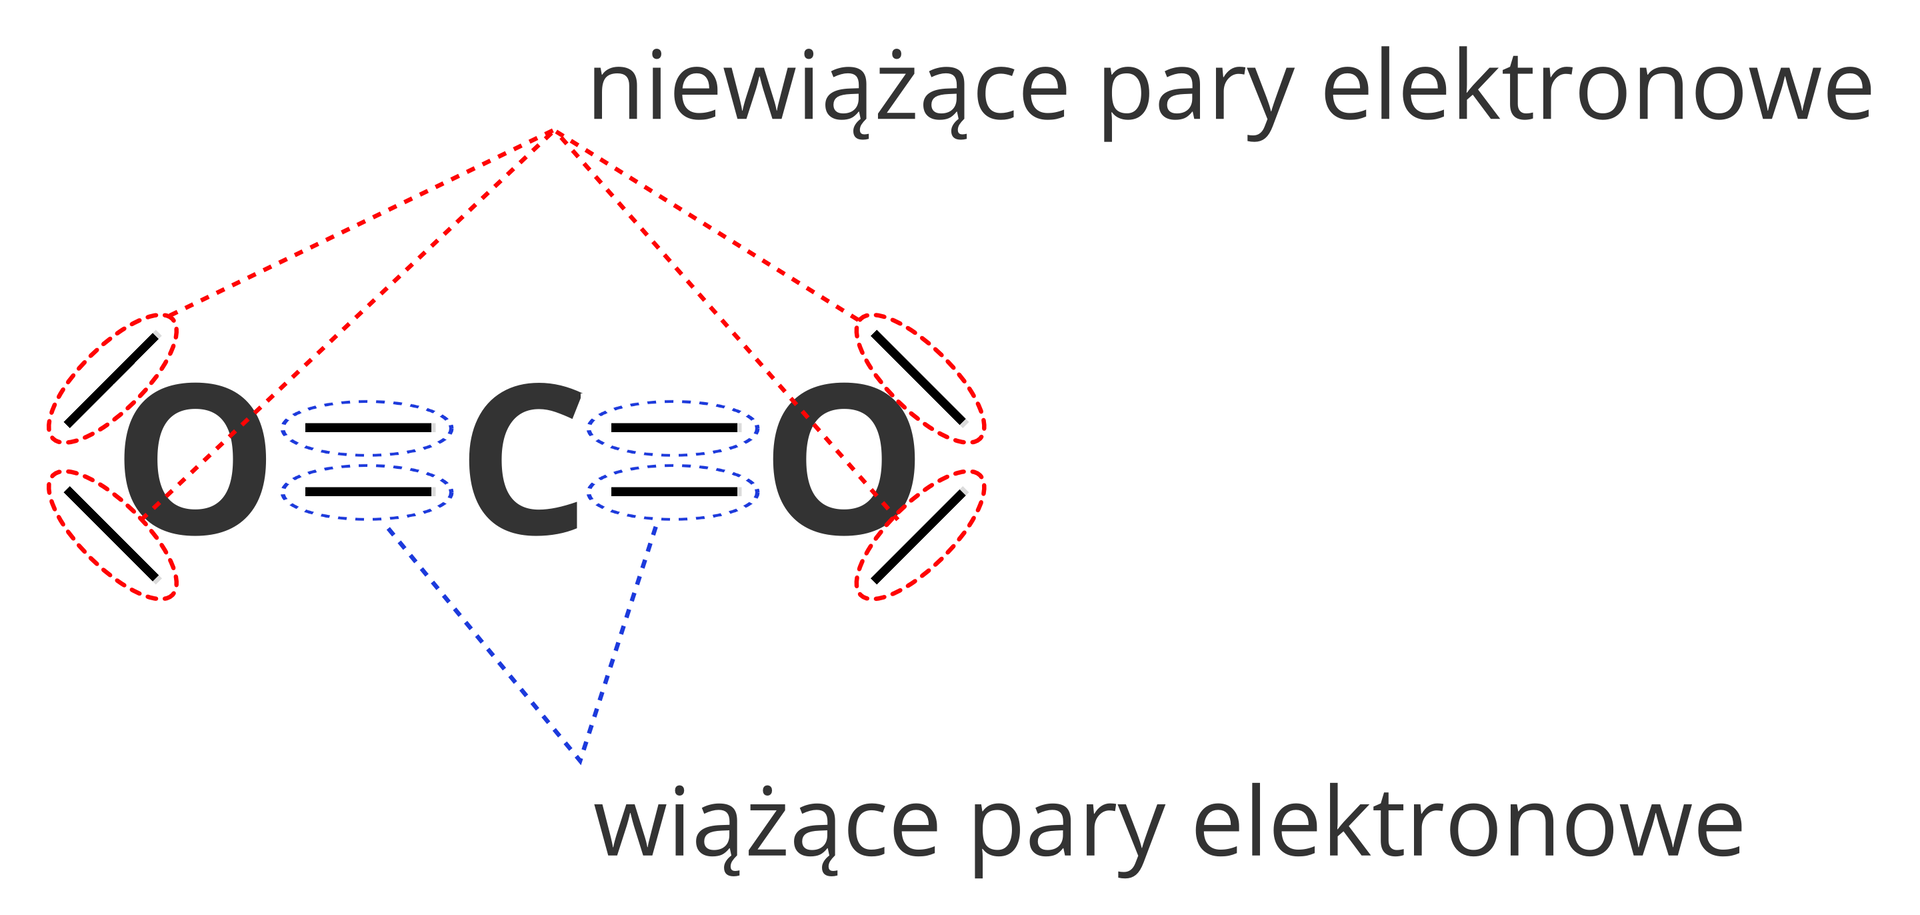 Ilustracja przedstawia różnice pomiędzy rodzajami par elektronowych wcząsteczce dwutlenku węgla, aprzy okazji również wsposobie ich oznaczania wzapisie kreskowym. Rysunek przedstawia cząsteczkę dwutlenku węgla wzapisie elektronowym kreskowym. Kreski łączące atomy tlenu zatomem węgla zaznaczone są niebieskim kolorem ipodpisane jako Wiążące pary elektronowe. Zkolei kreski po bokach atomów tlenu ale nie łączące ich zniczym oznaczone są kolorem czerwonym ipodpisane Niewiążące pary elektronowe.